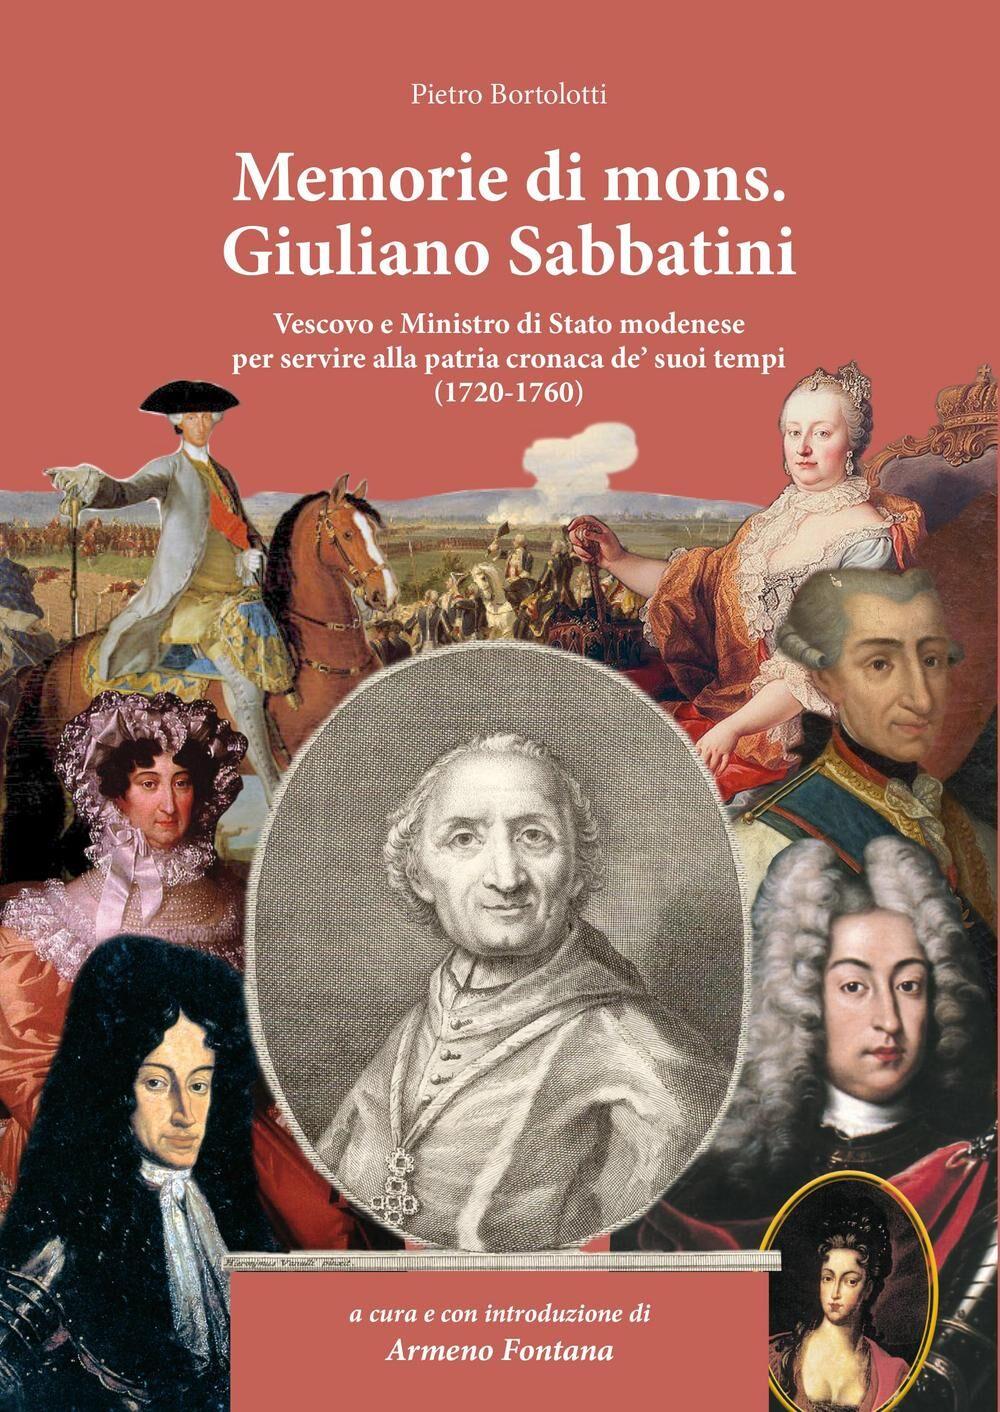 Memorie di Mons. Giuliano Sabbatini. Vescovo e Ministro di Stato modenese (1720-1760)